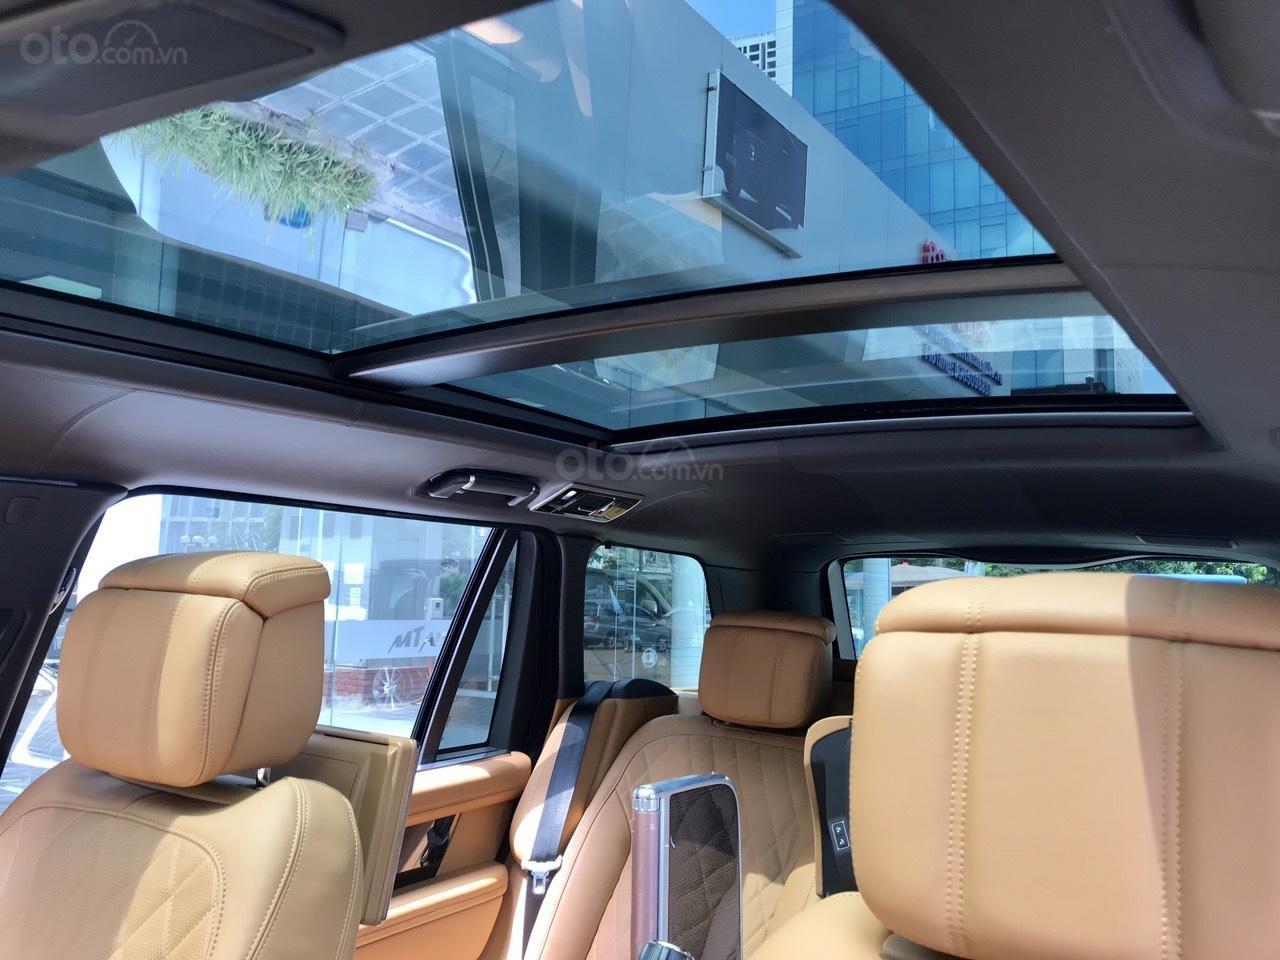 Bán xe Range Rover SV Autobiography 3.0 màu đỏ 2020, xe có sẵn giao ngay toàn quốc, giá tốt LH Ms Hương (13)